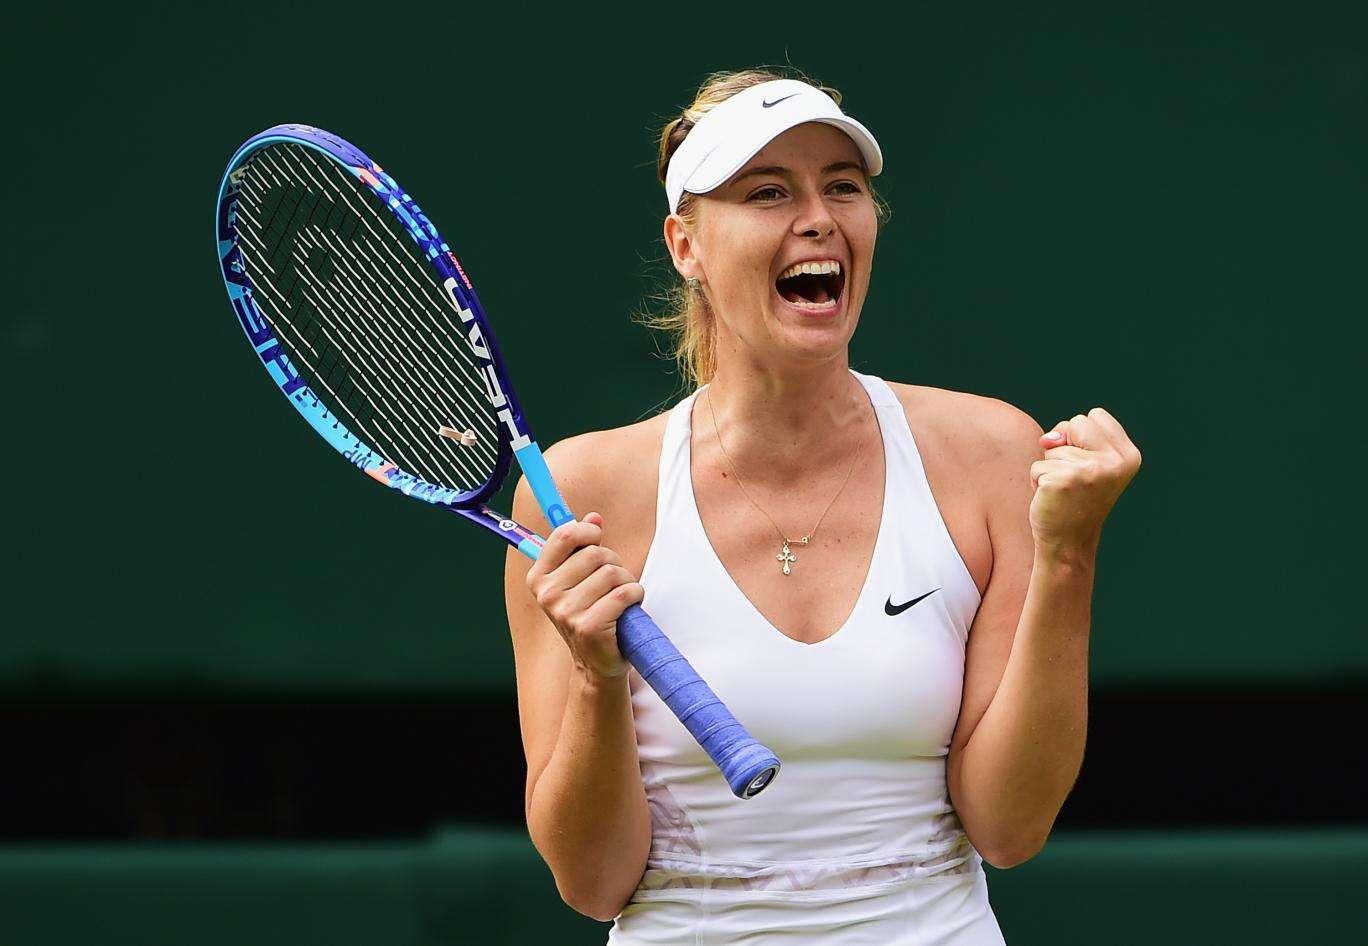 难说再见!32岁莎拉波娃宣布退役 曾获五届大满贯冠军